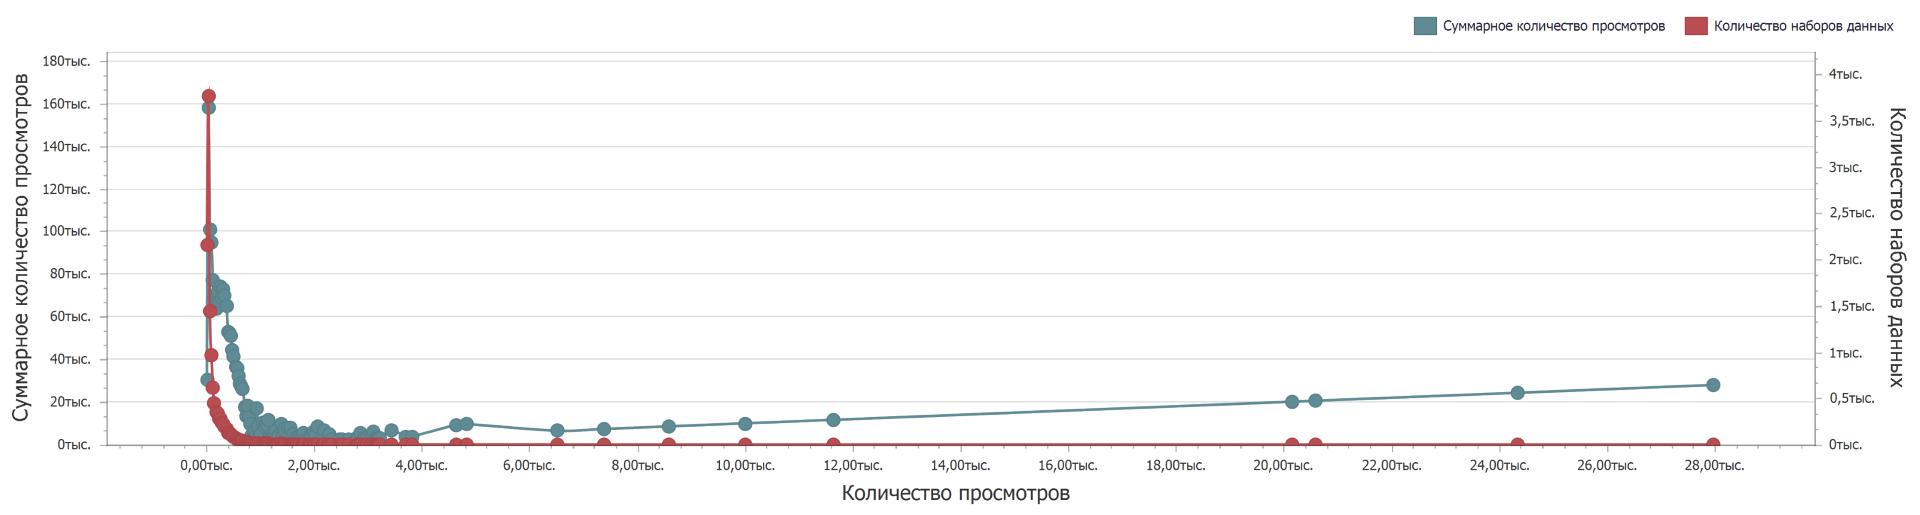 Распределение просмотров наборов открытых данных с портала data.gov.ru